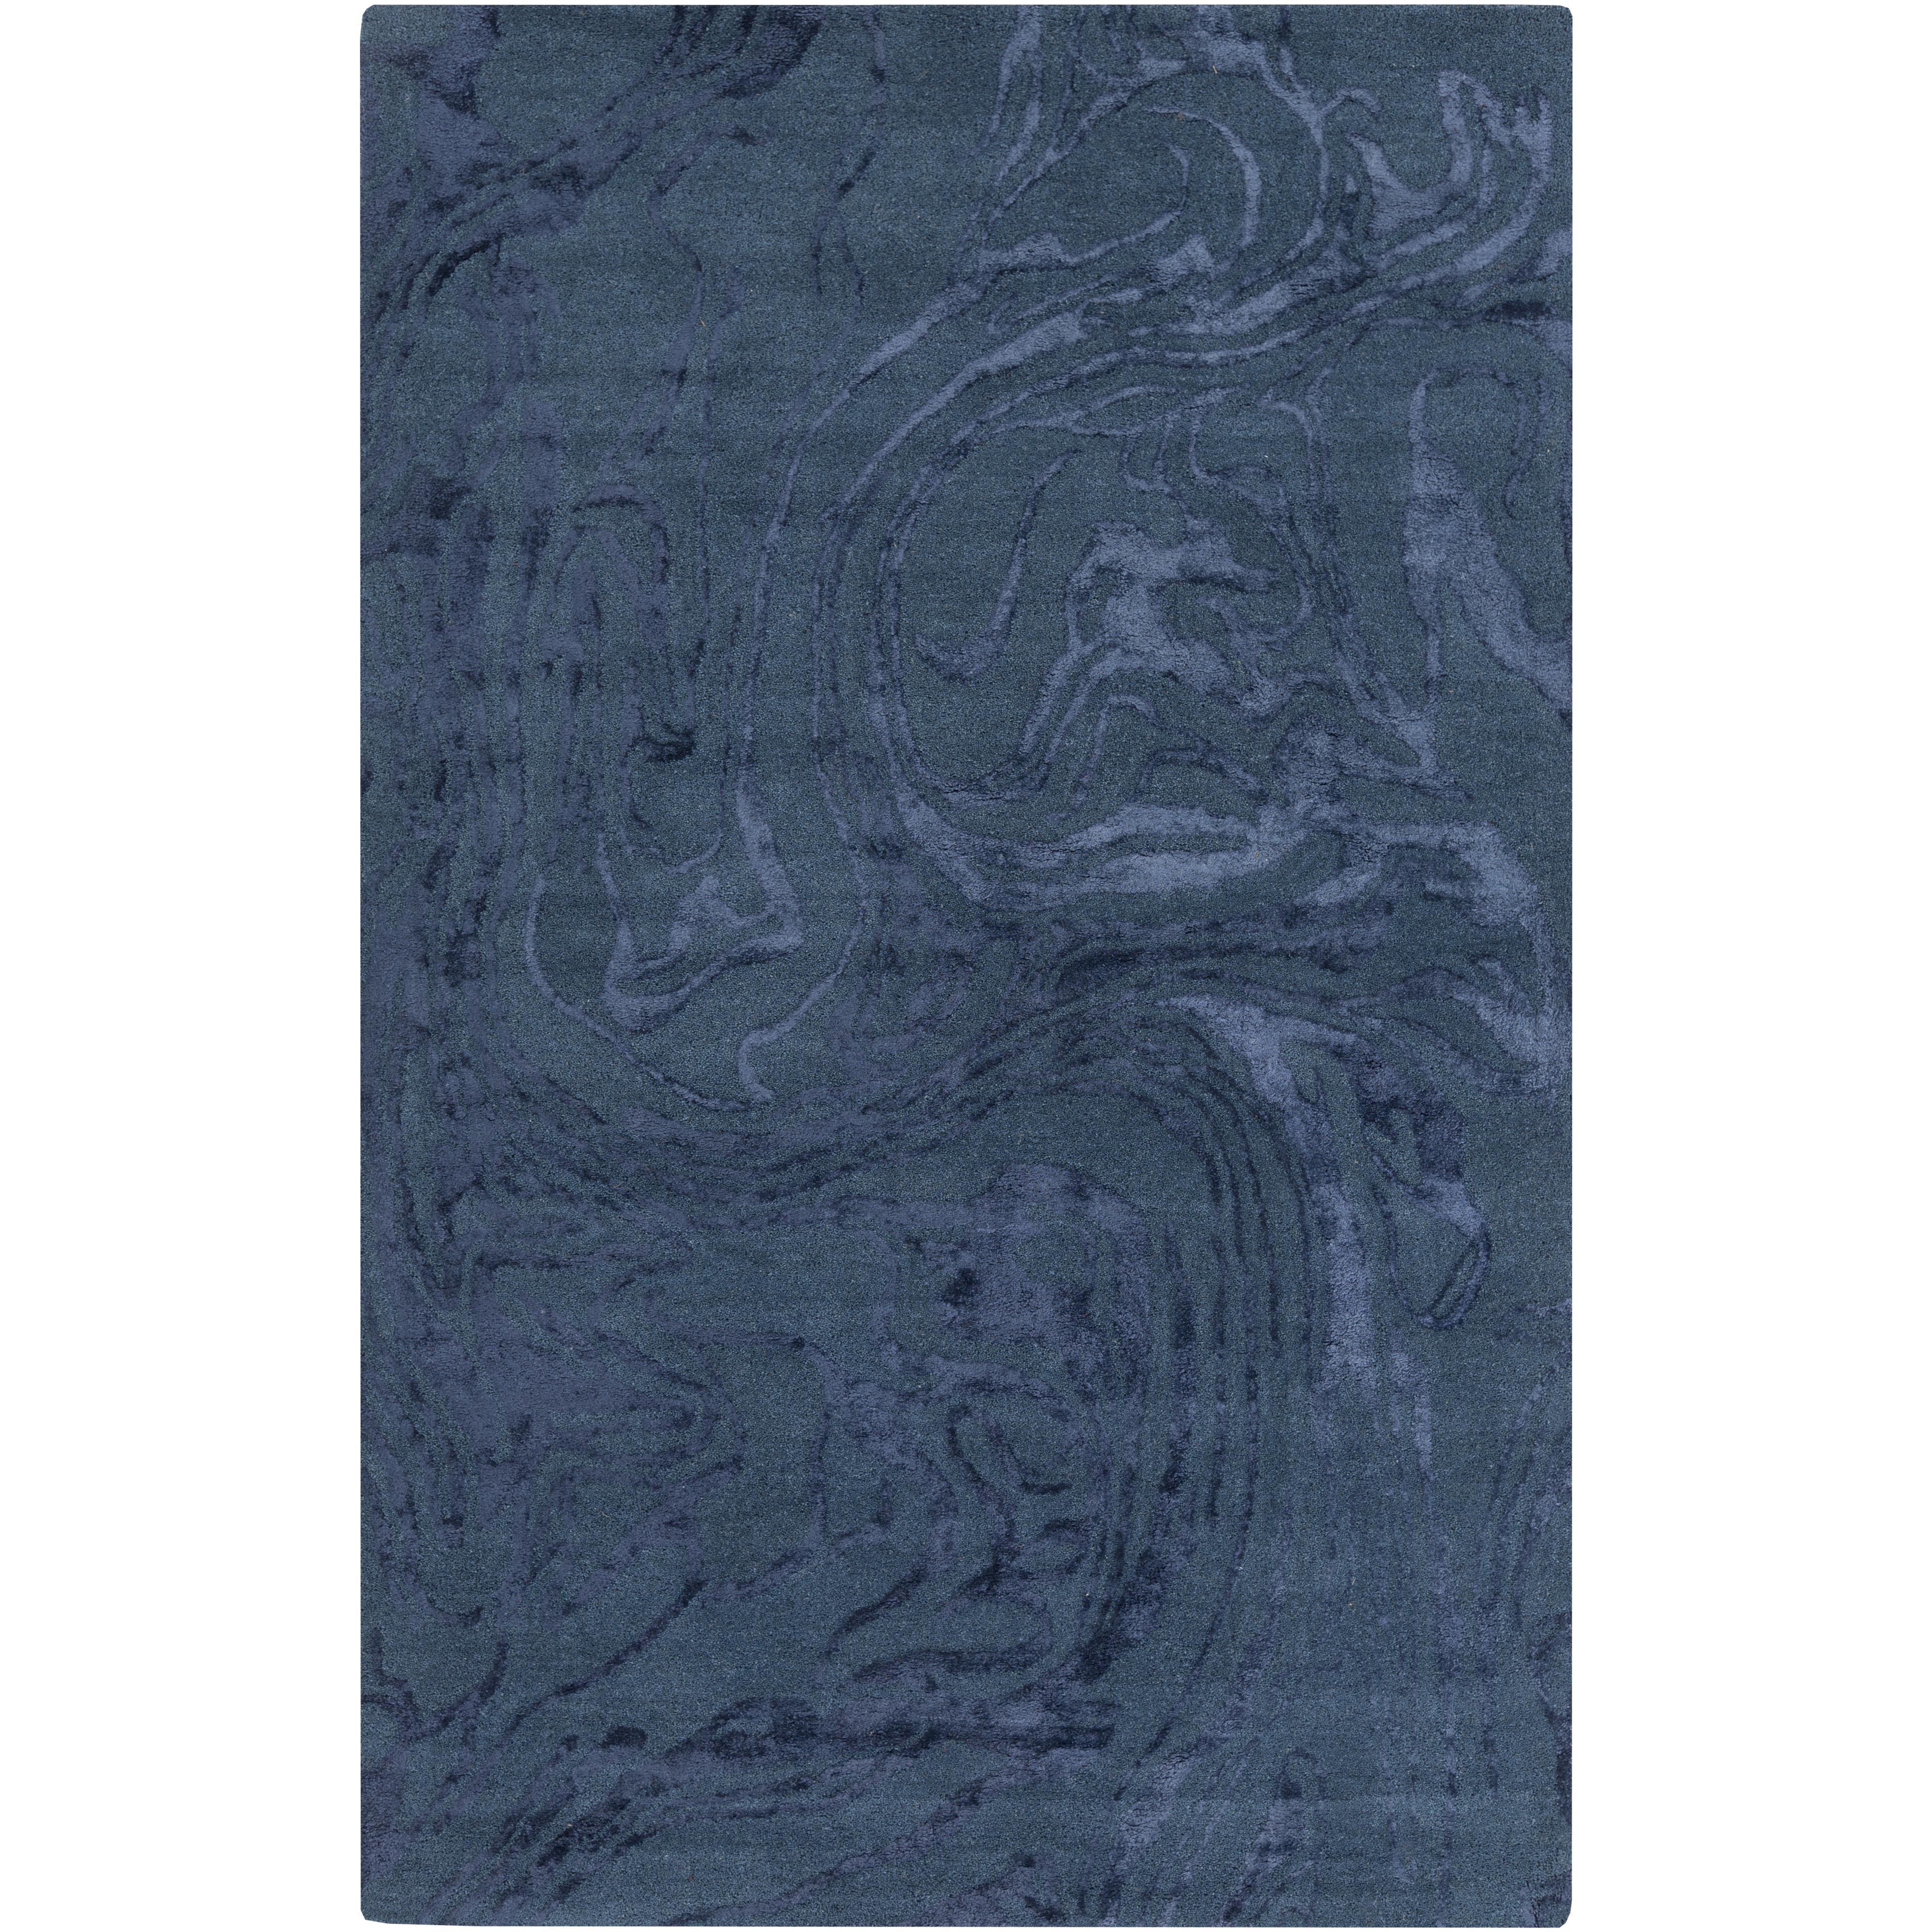 Surya Rugs Banshee 8' x 11' - Item Number: BAN3356-811